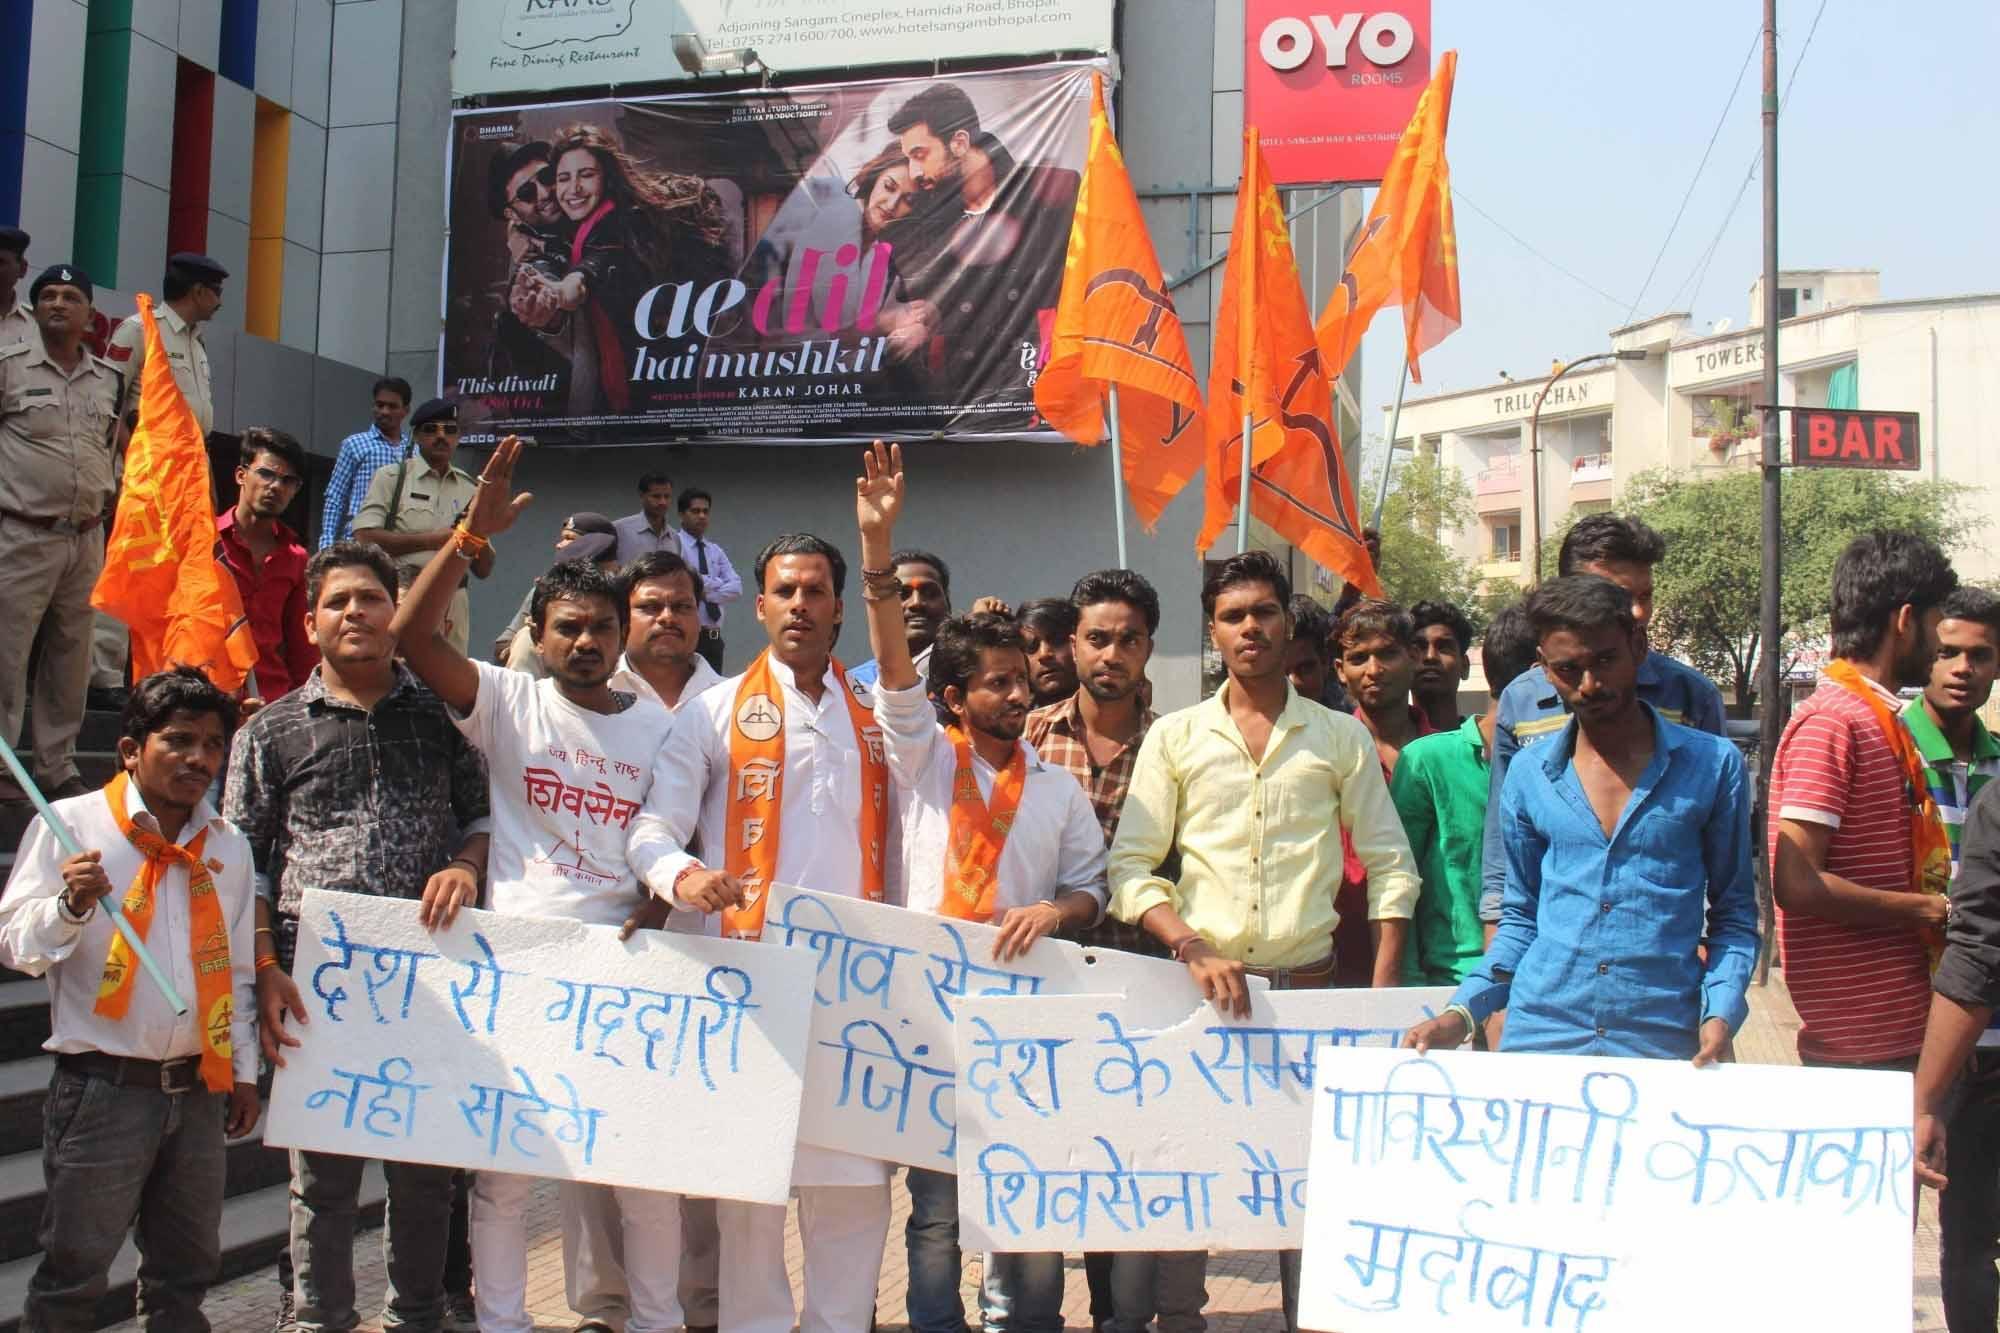 Hindu groups protest against 'Ae Dil Hai Mushkil' in Madhya Pradesh